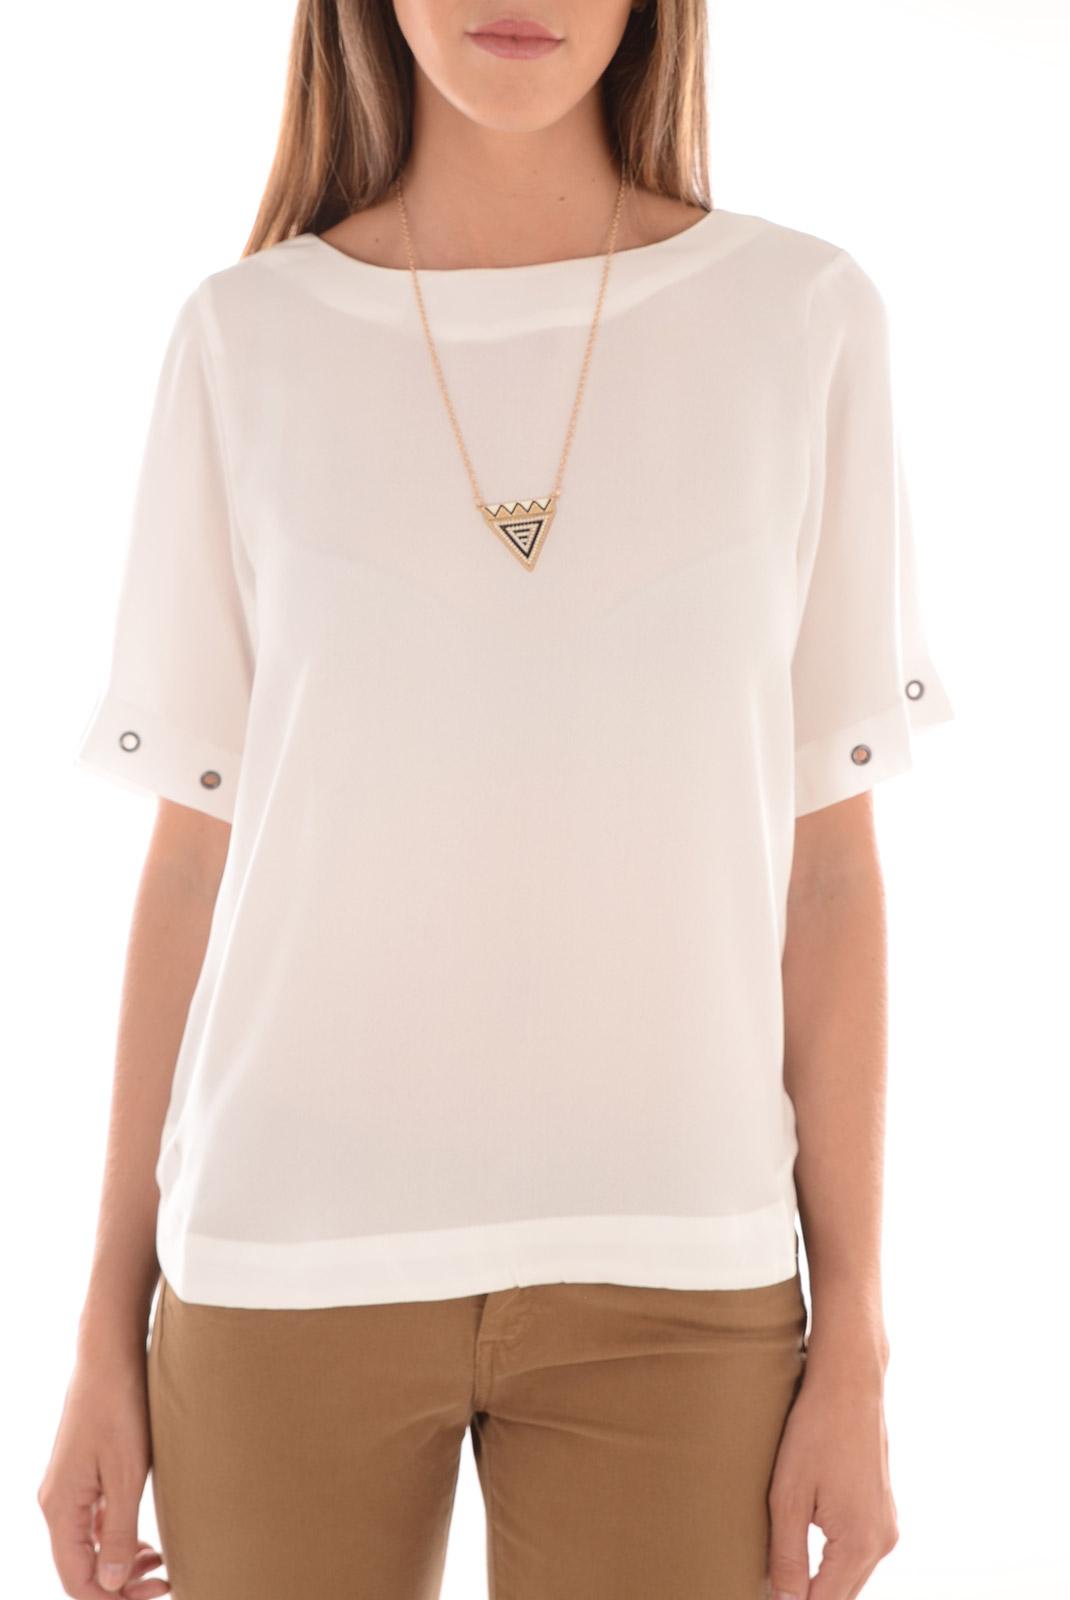 Tops & Tee shirts  Vero moda CARA 24 TOP V SNOW WHITE